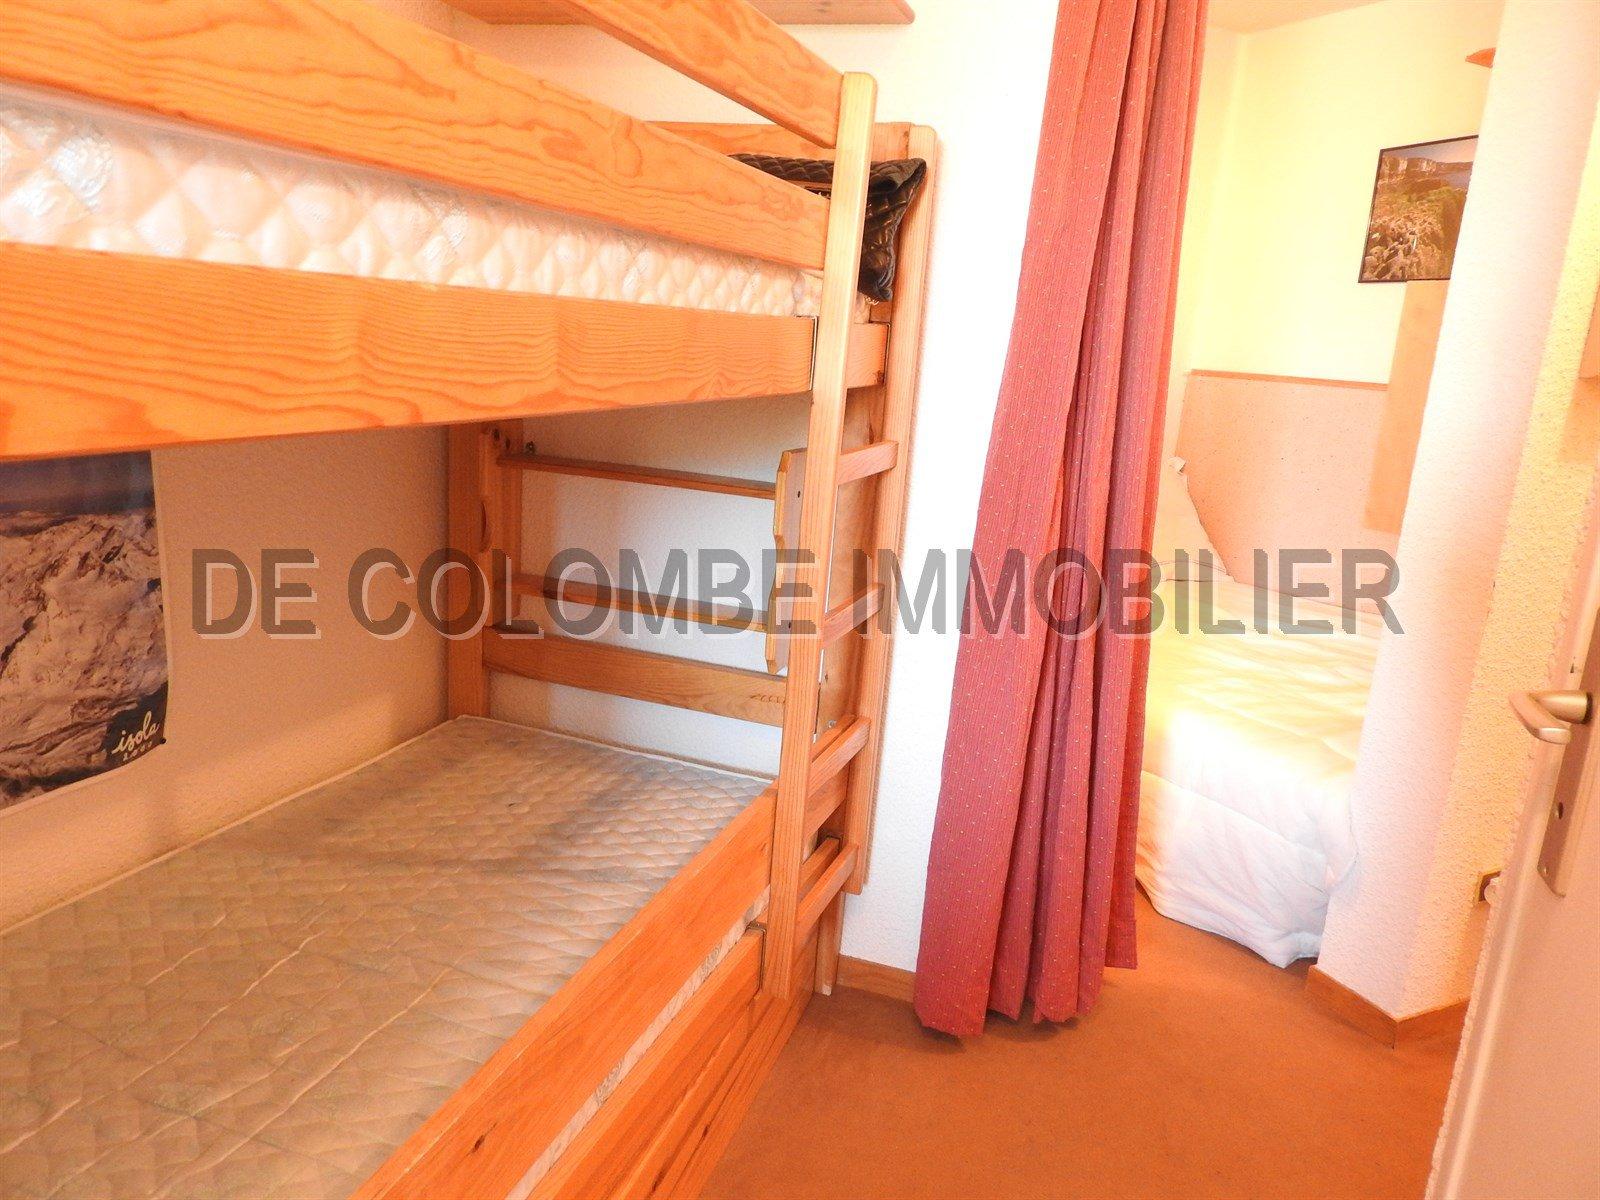 Sale Apartment - Isola 2000 Hameau